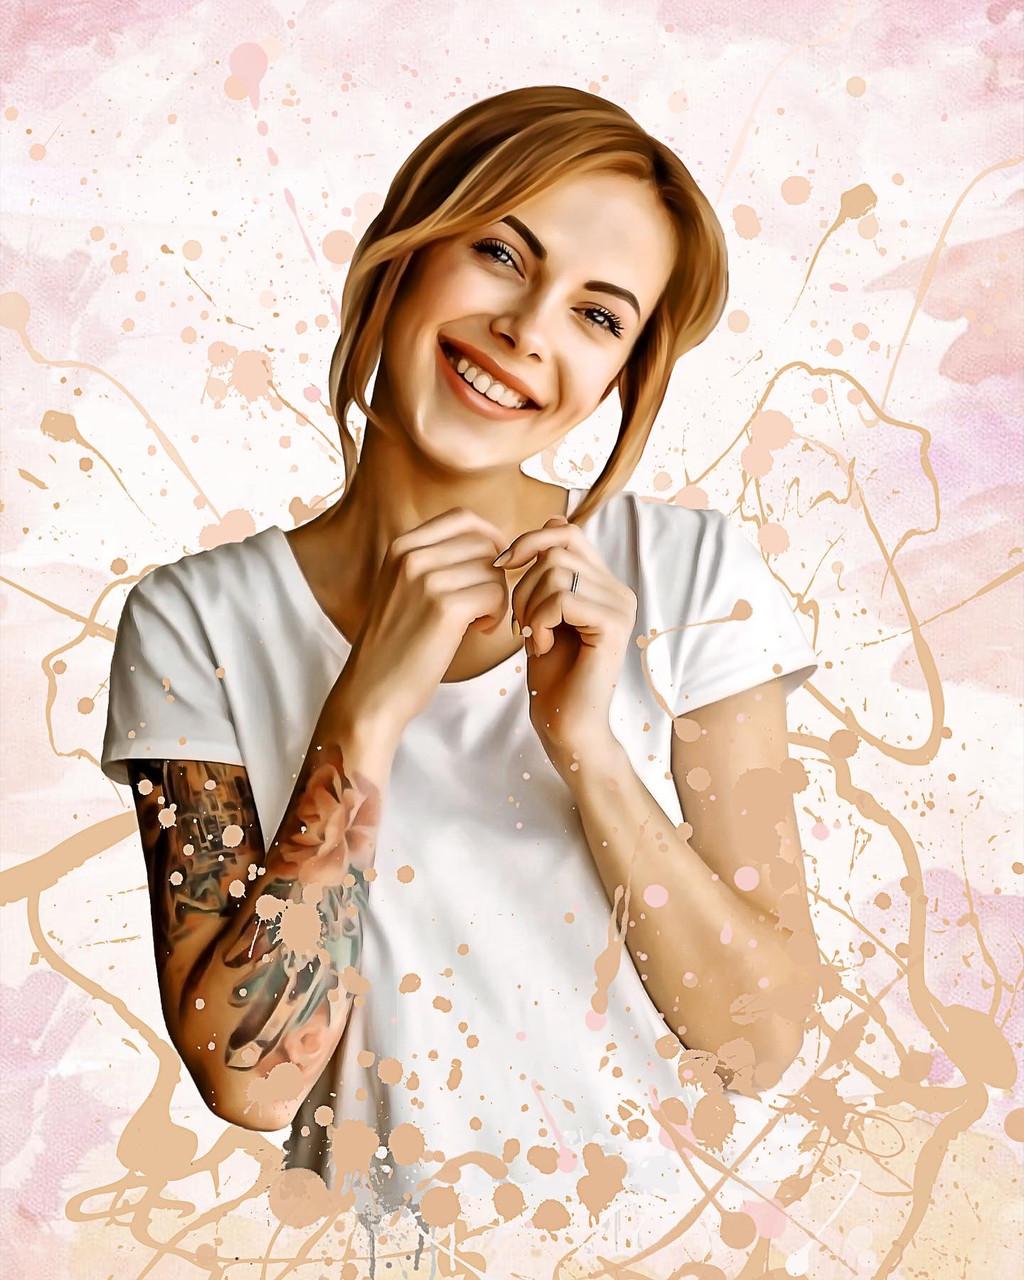 Цифровой портрет по фото на заказ (Дрим арт, поп арт, стилизация)